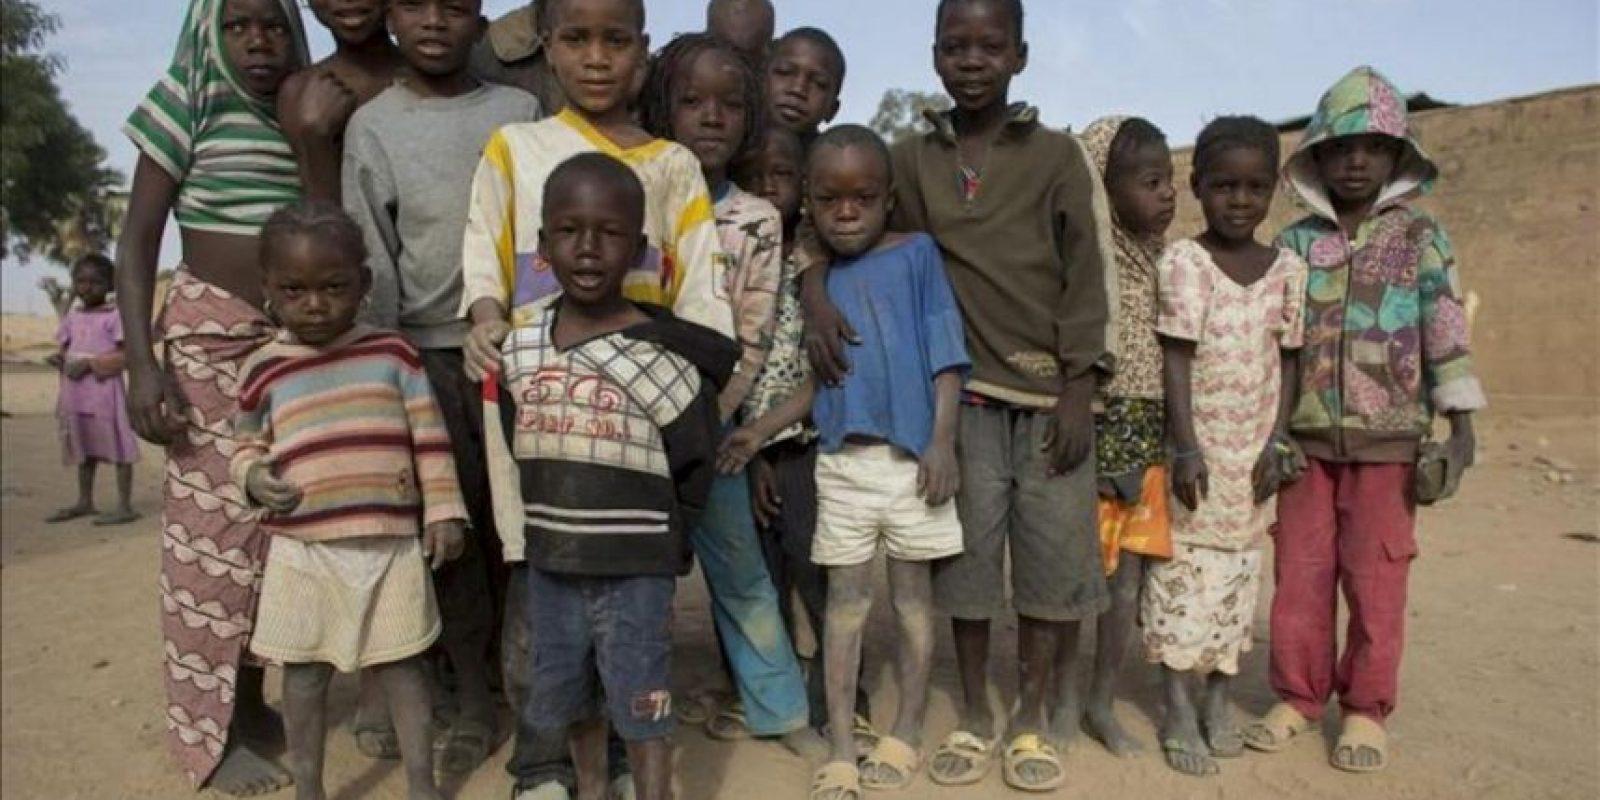 Imagen distribuida hoy, que muestra a un grupo de niños posando para el fotógrafo en la calle en la que viven en Diabaly, en Mali. EFE